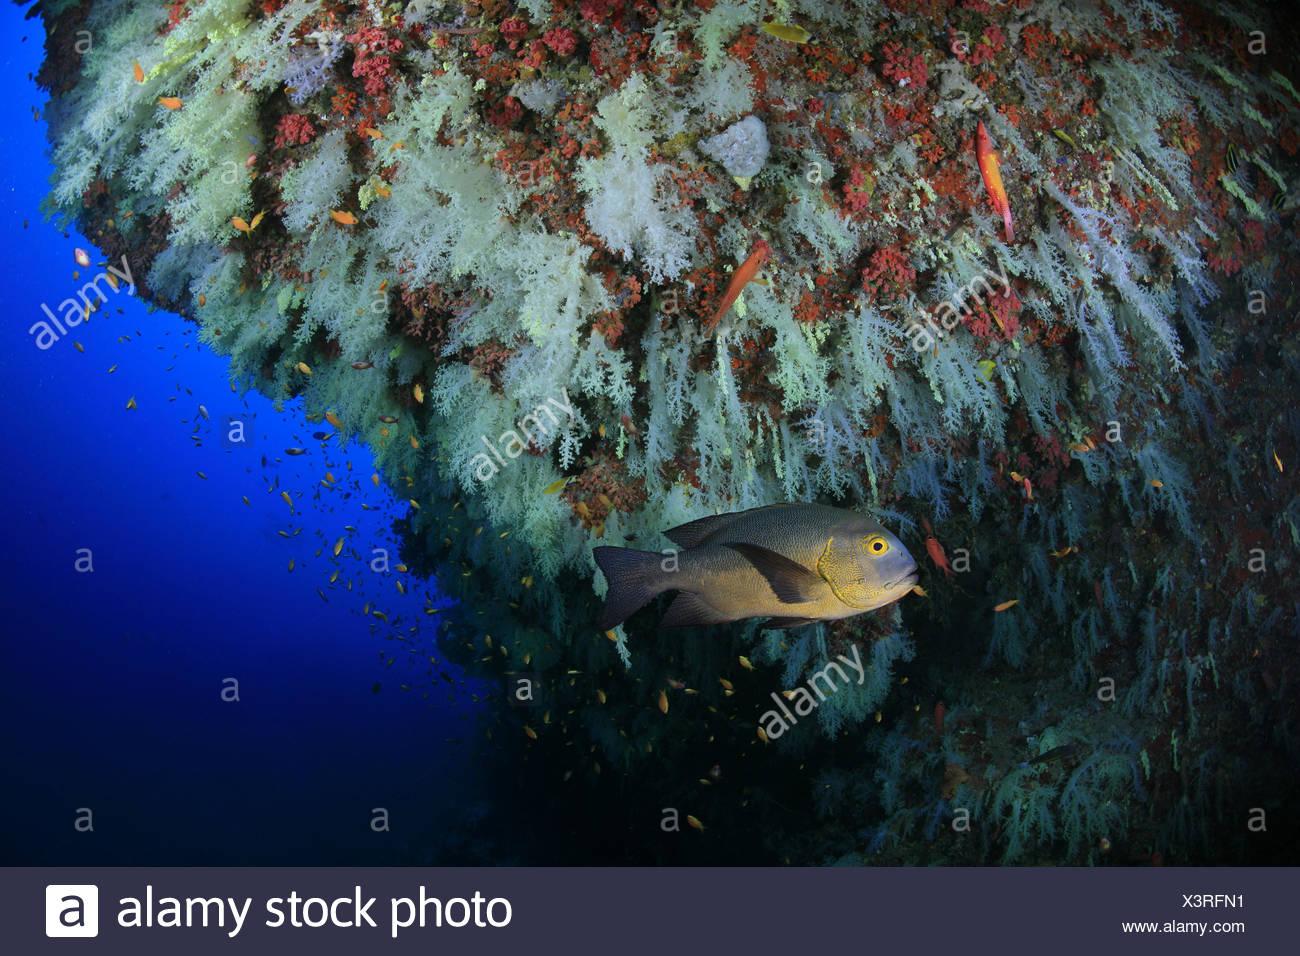 Großartig Korallenriff Bilder Zu Färben Fotos - Malvorlagen Von ...